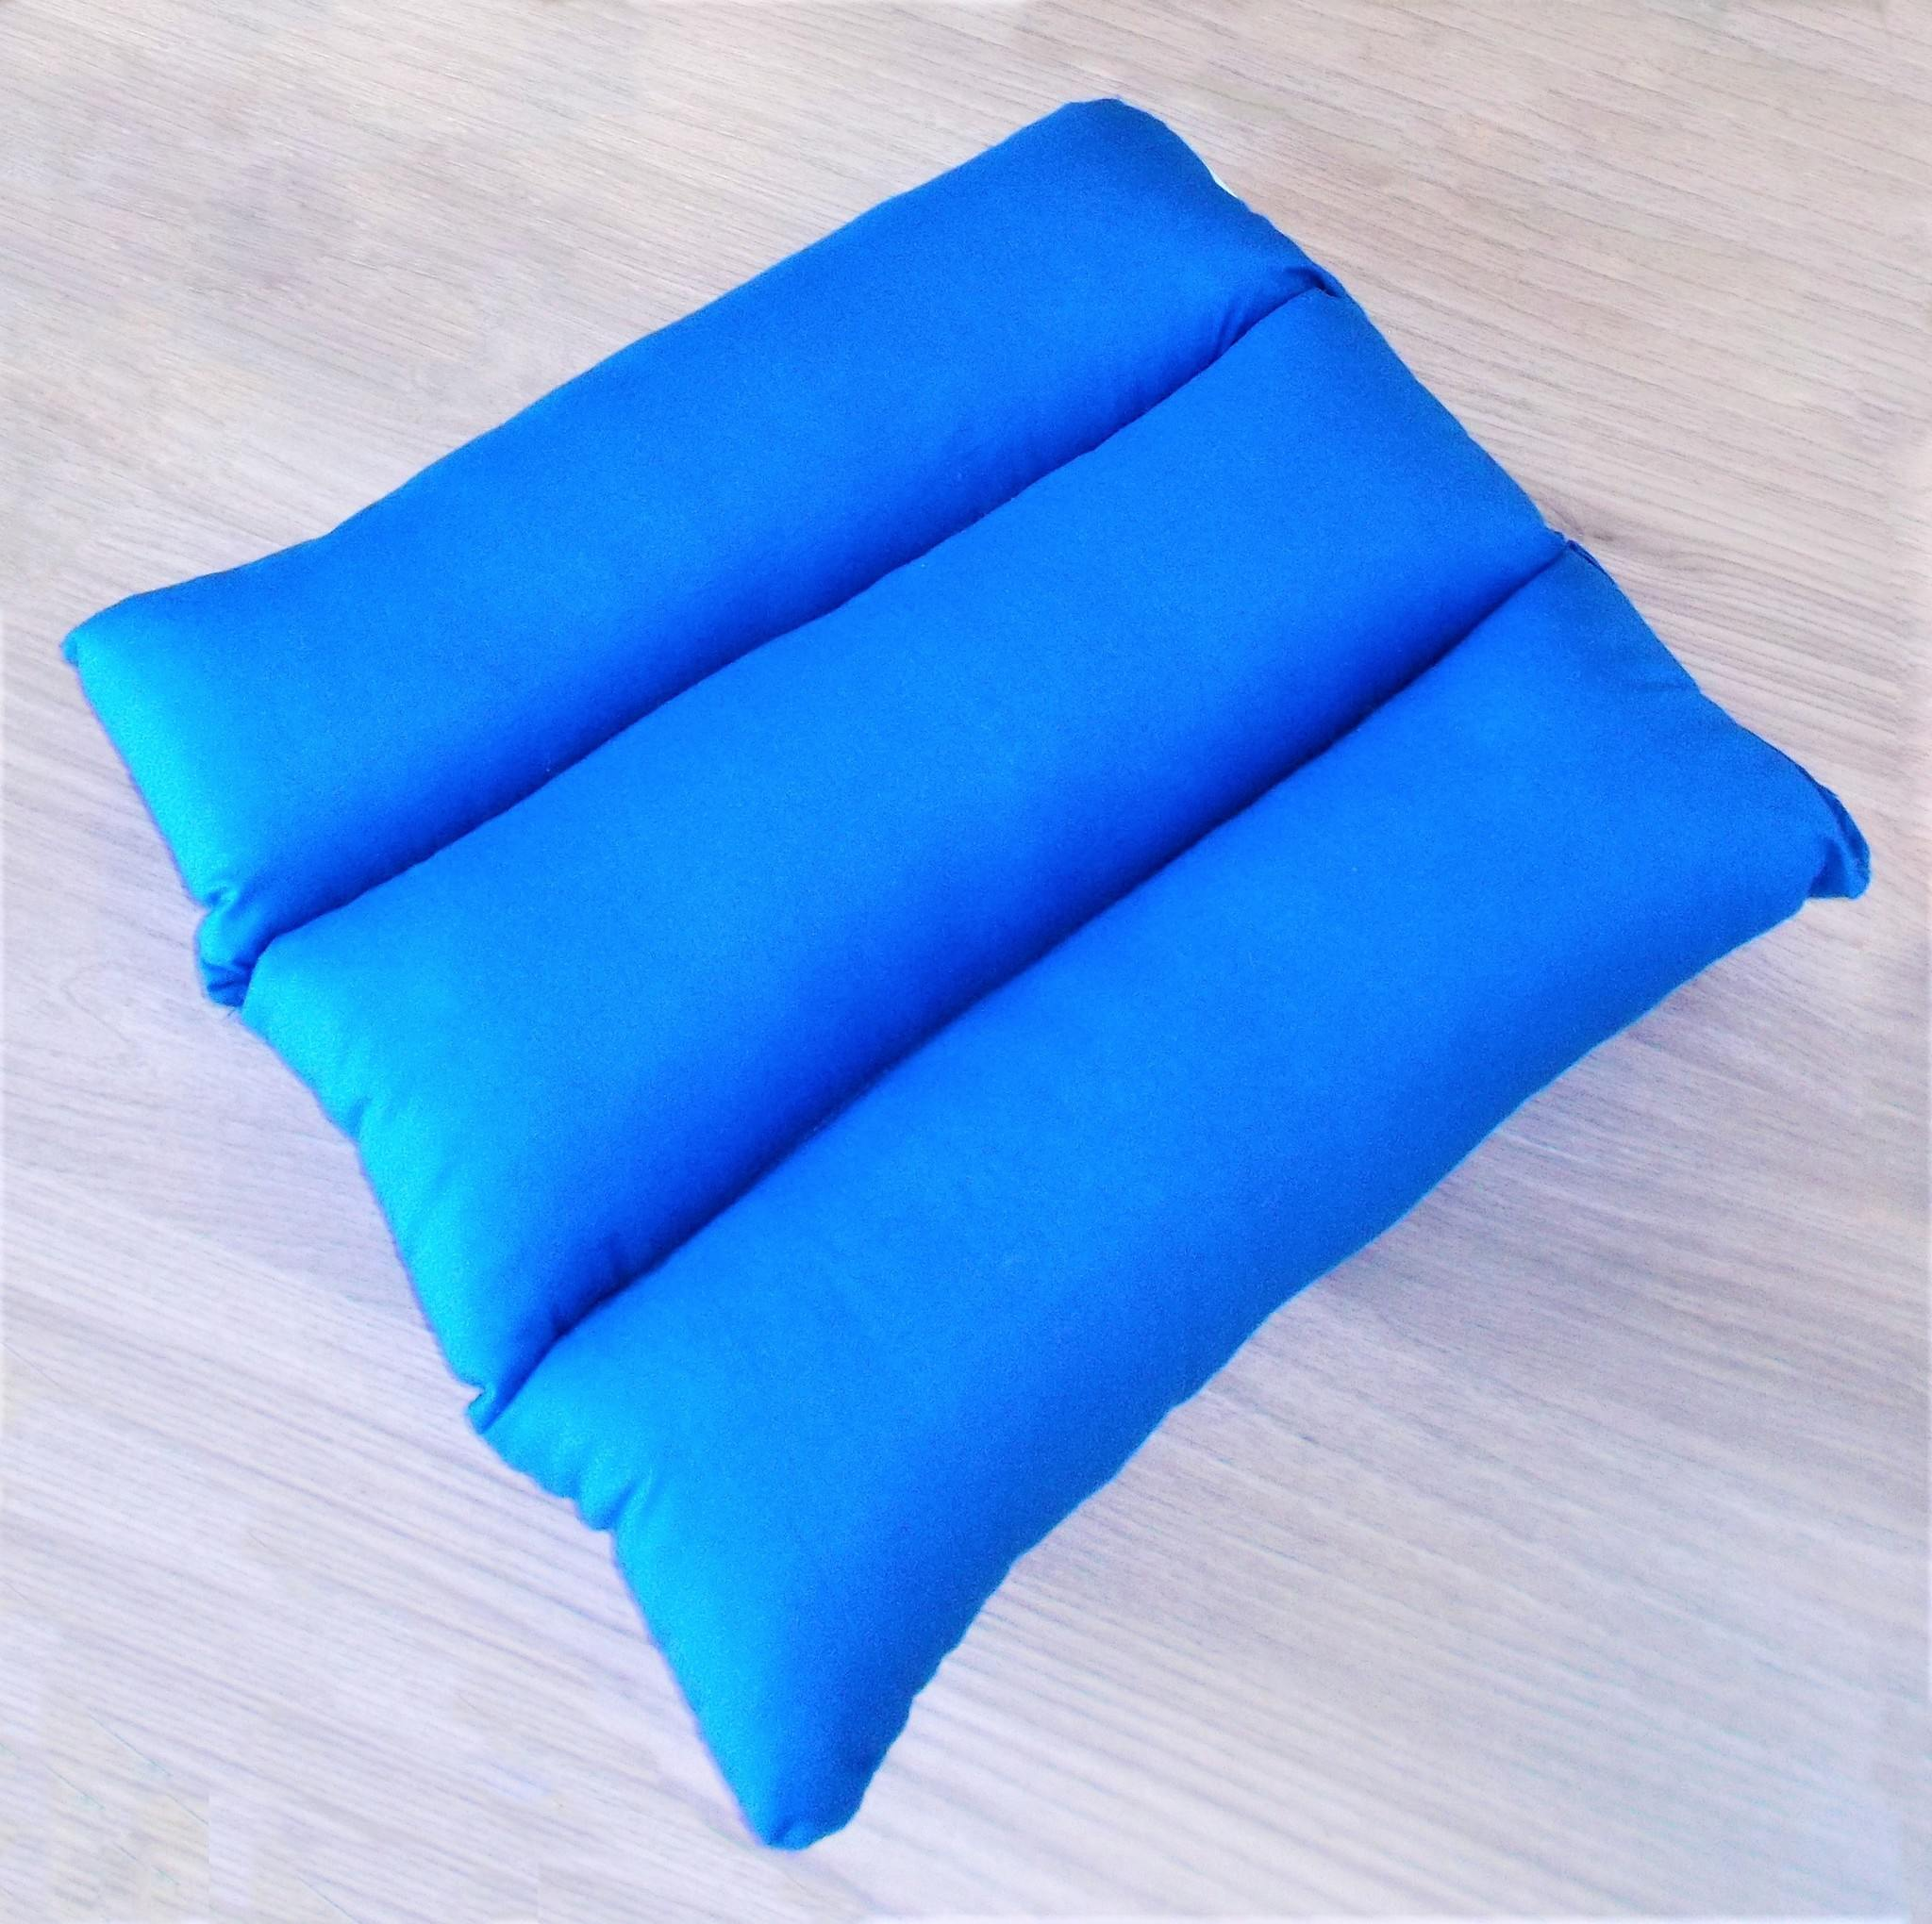 Cuscino Fibra Cava Siliconata A Tre Sezioni Art 723 Albo Ortopedia Ospedale Srl